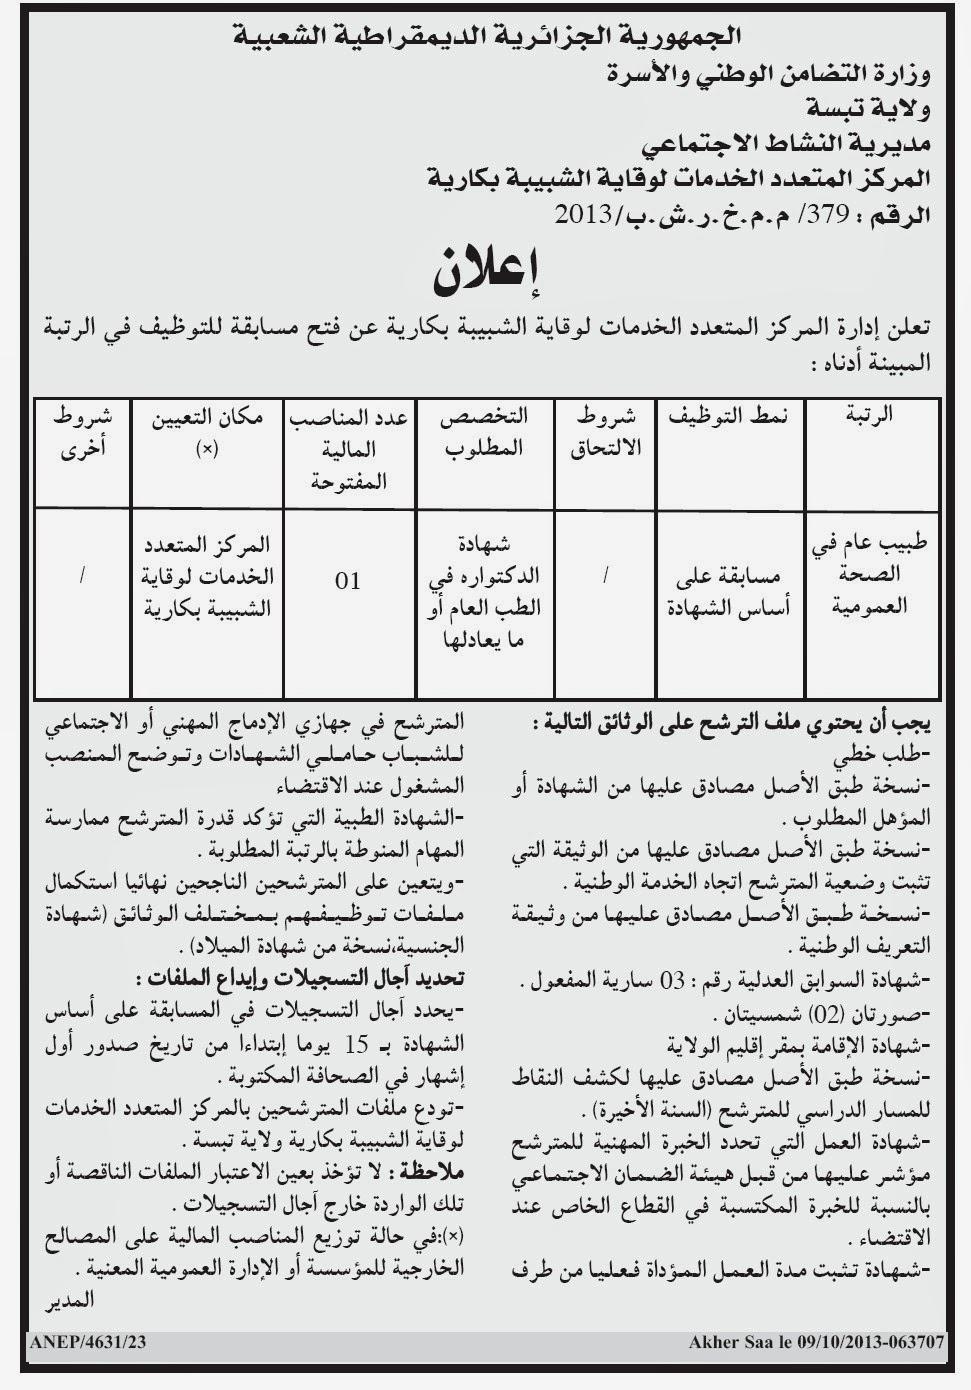 التوظيف في الجزائر : مسابقة توظيف في مديرية النشاط الإجتماعي لولاية تبسة أكتوبر 2013